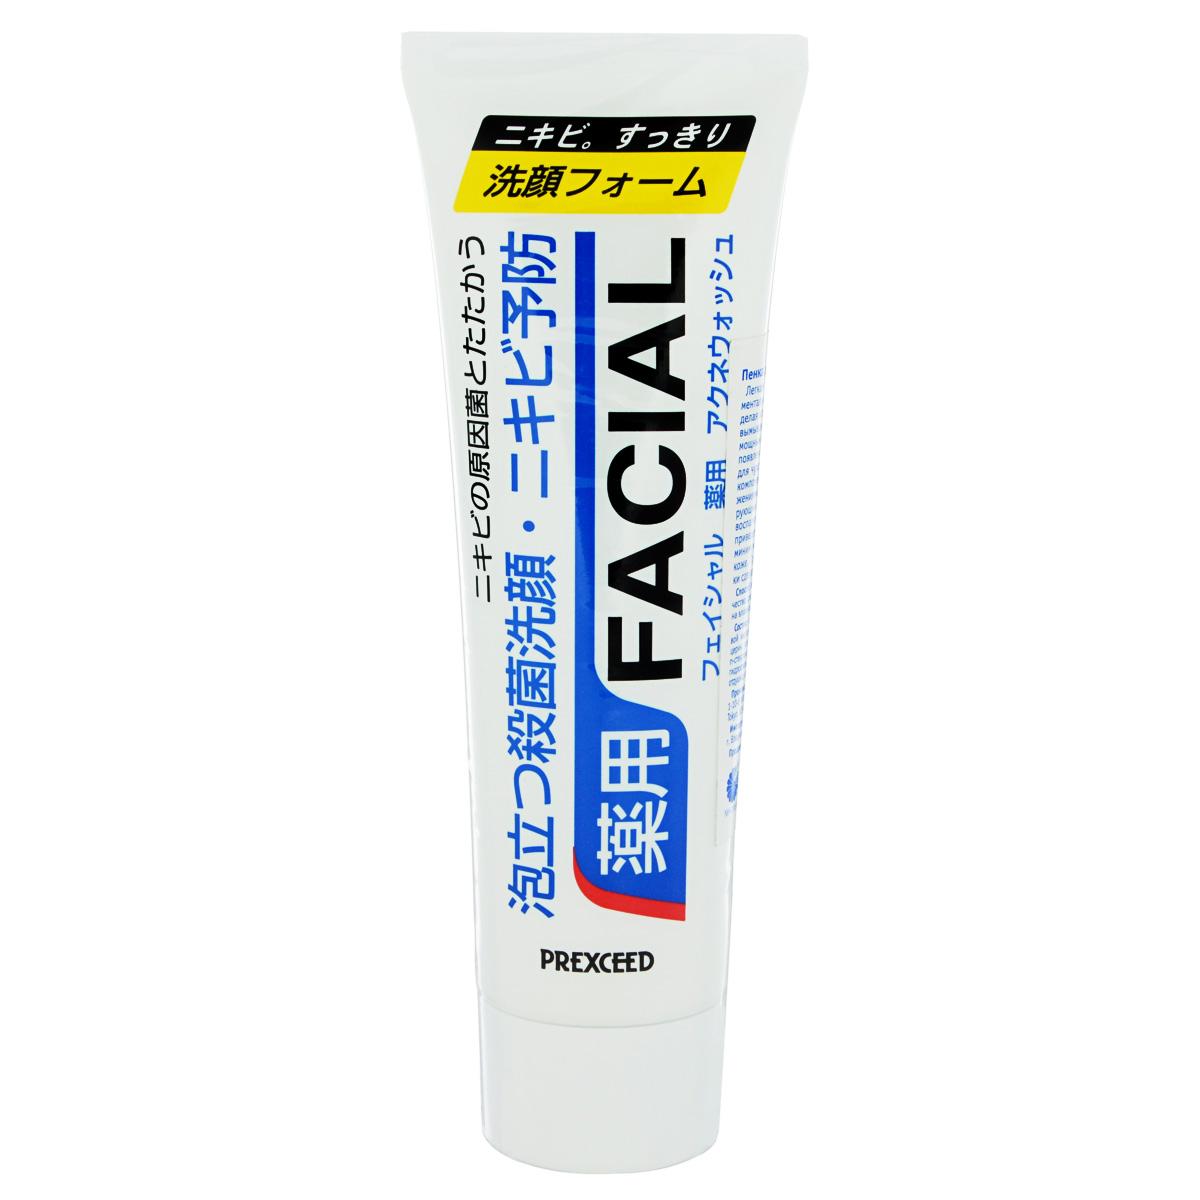 Yanagiya Пенка для умывания для проблемной кожи 140г251203Легкая пенка обладает невероятной силой! Моментально вытягивает из глубины пор загрязнения, делая кожу светлой и чистой. Мягко, но без остатка вымывая частички пыли из кожи, пенка обладает мощным антибактериальным эффектом, препятствуя появлению черных точек. Пенка идеально подойдет для чувствительной и раздраженной кожи, так как компоненты средства помогут справиться с раздражениями. Мятное масло, ментол - обладает стимулирующим и тонизирующим воздействием. Противовоспалительное действие мятного масло постепенно приведет к заживлению старых ранок и сведет к минимуму пояление новых угрей и гнойничков на коже. Противомикробный компонент в составе пенки сделает вашу кожу чистой и здоровой.